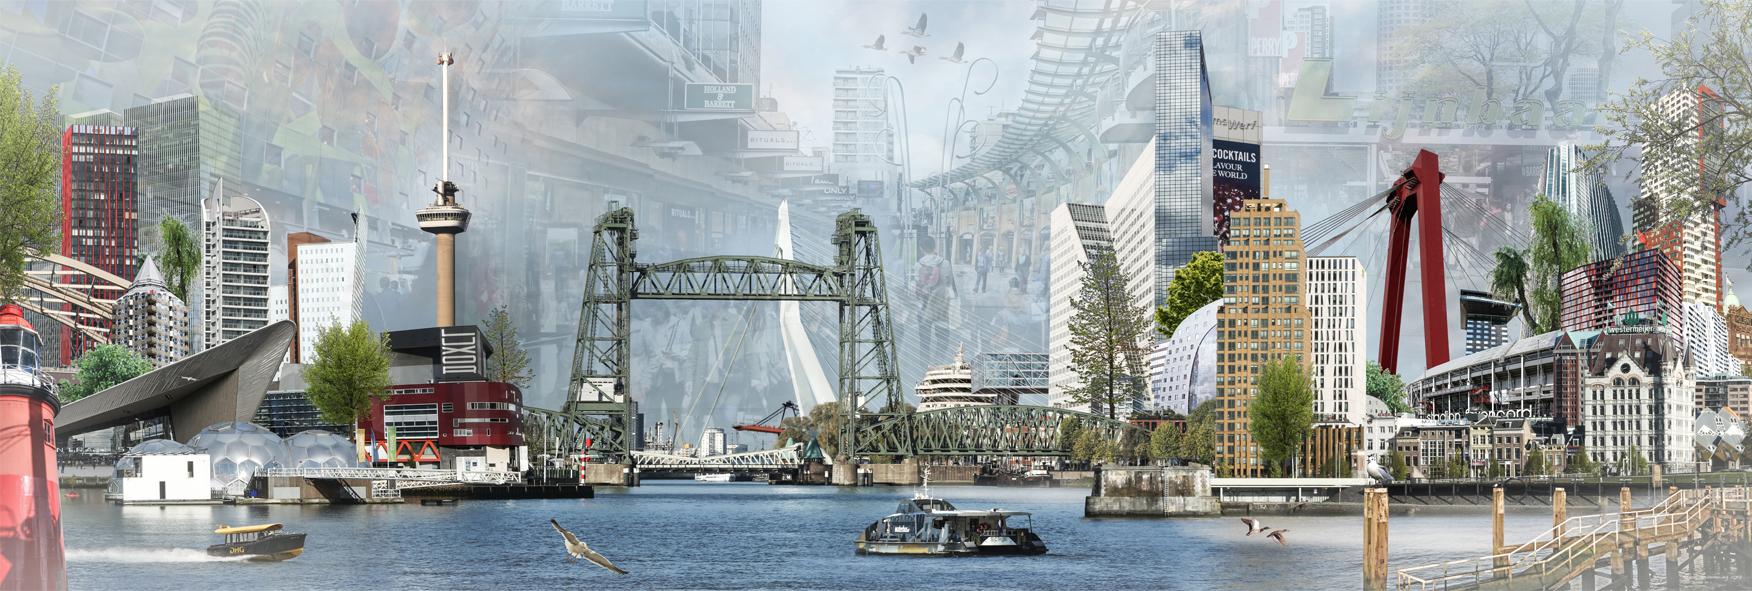 Groeneweg fotocompilatie 'The Bridge Rotterdam